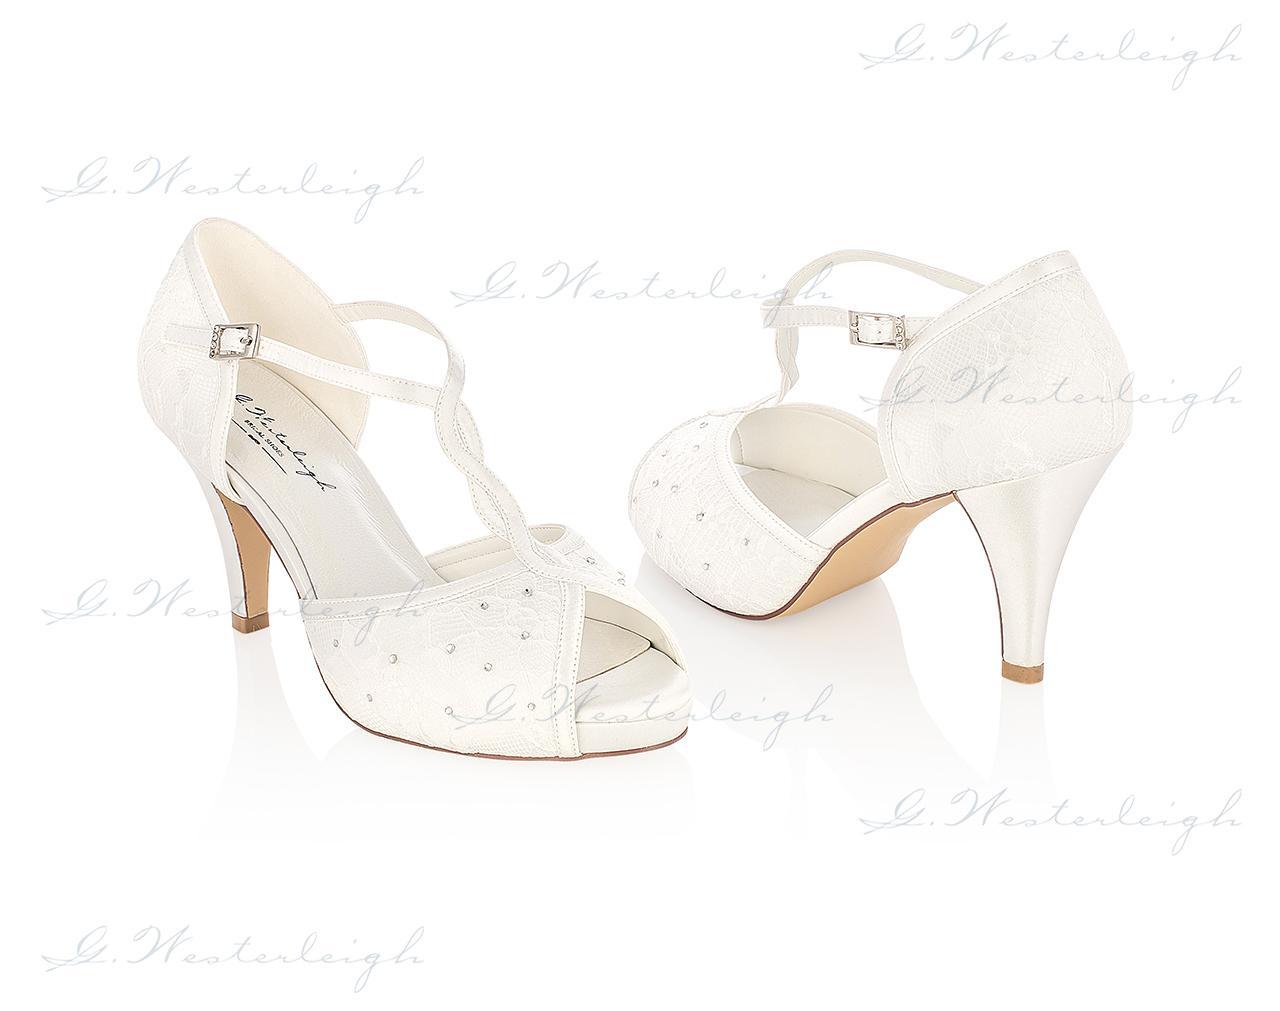 Svadobné topánky Betty, G. Westerleigh veľ. 35-41 - Obrázok č. 1